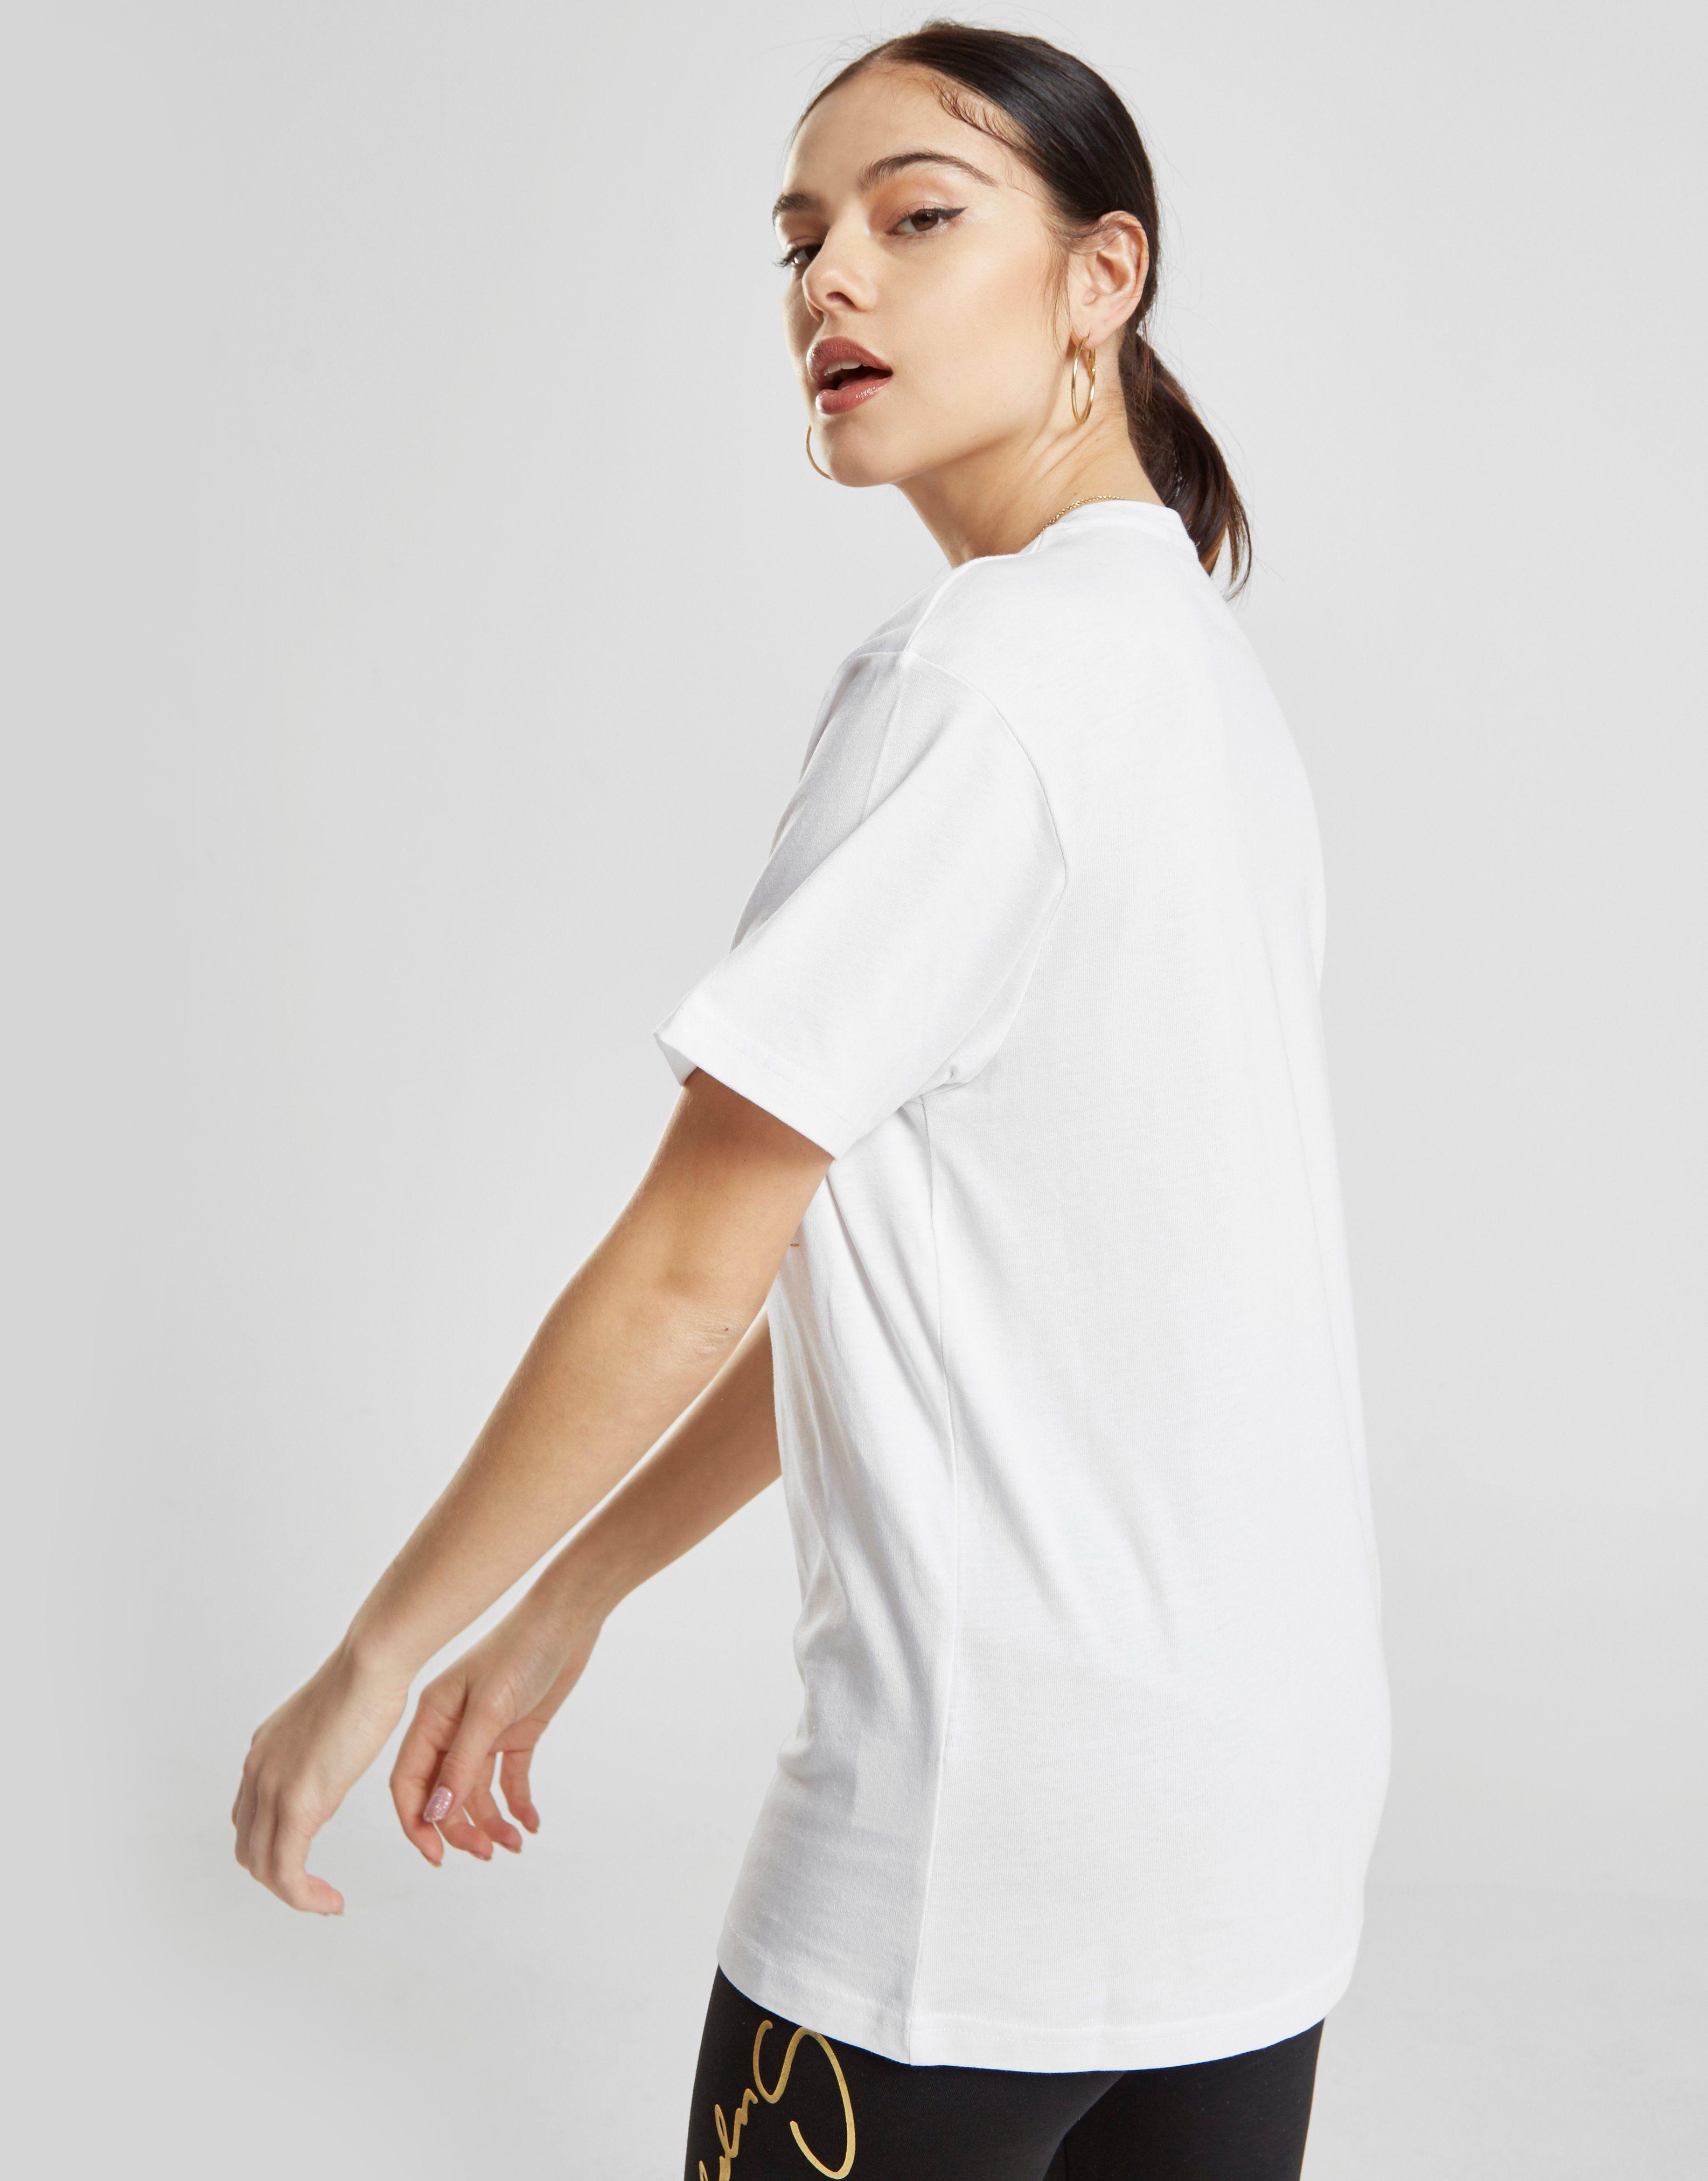 Supply & Demand Meander New York Boyfriend T-Shirt